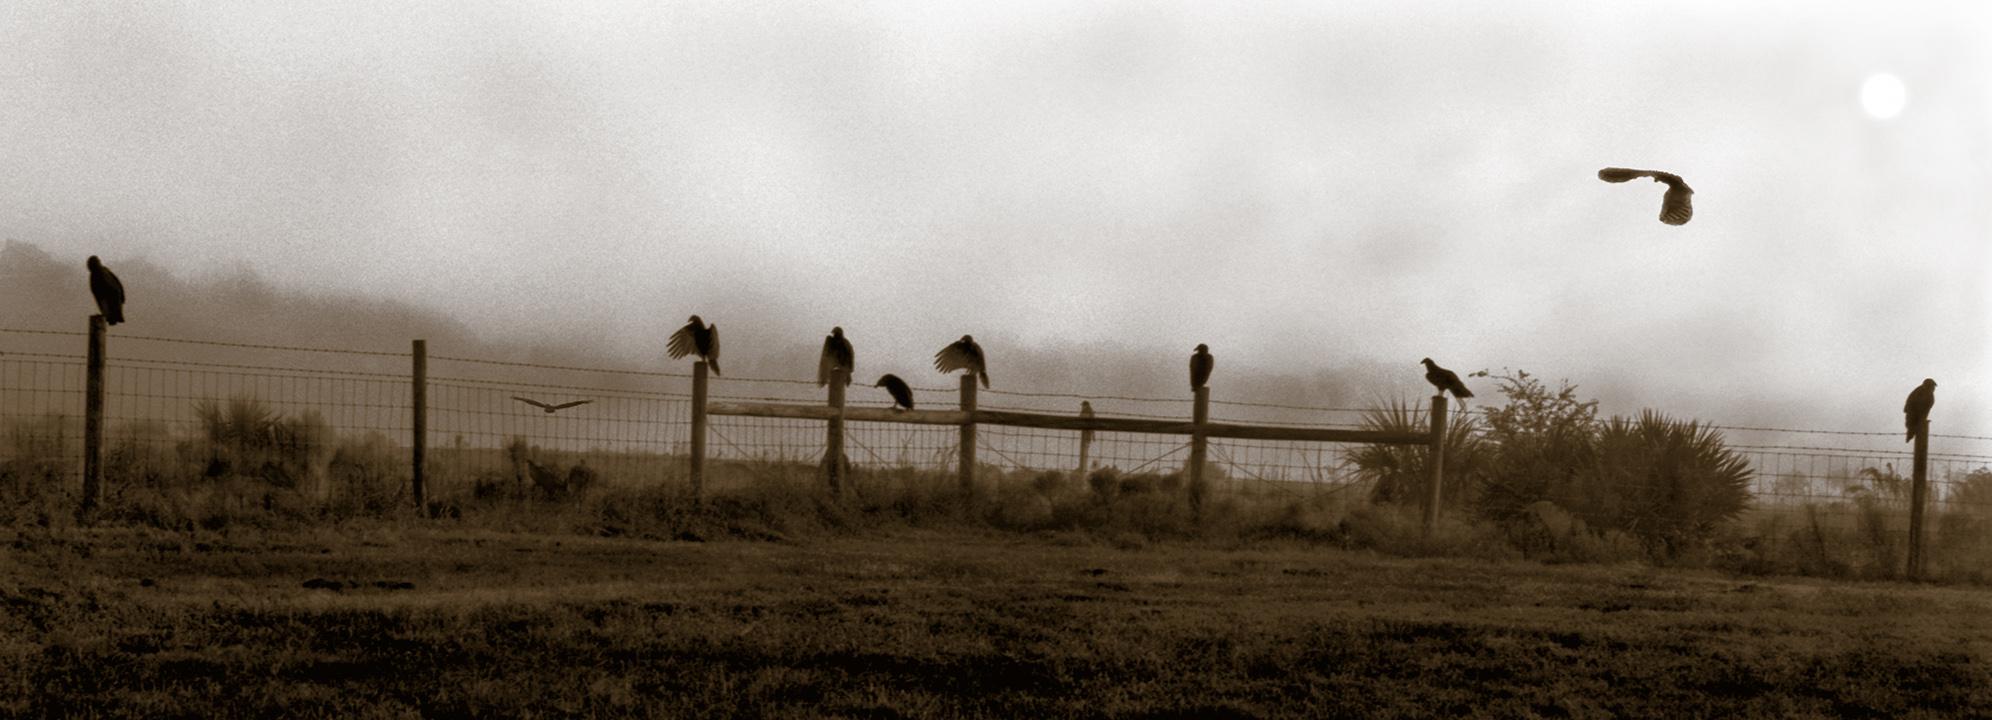 Daytona Vultures